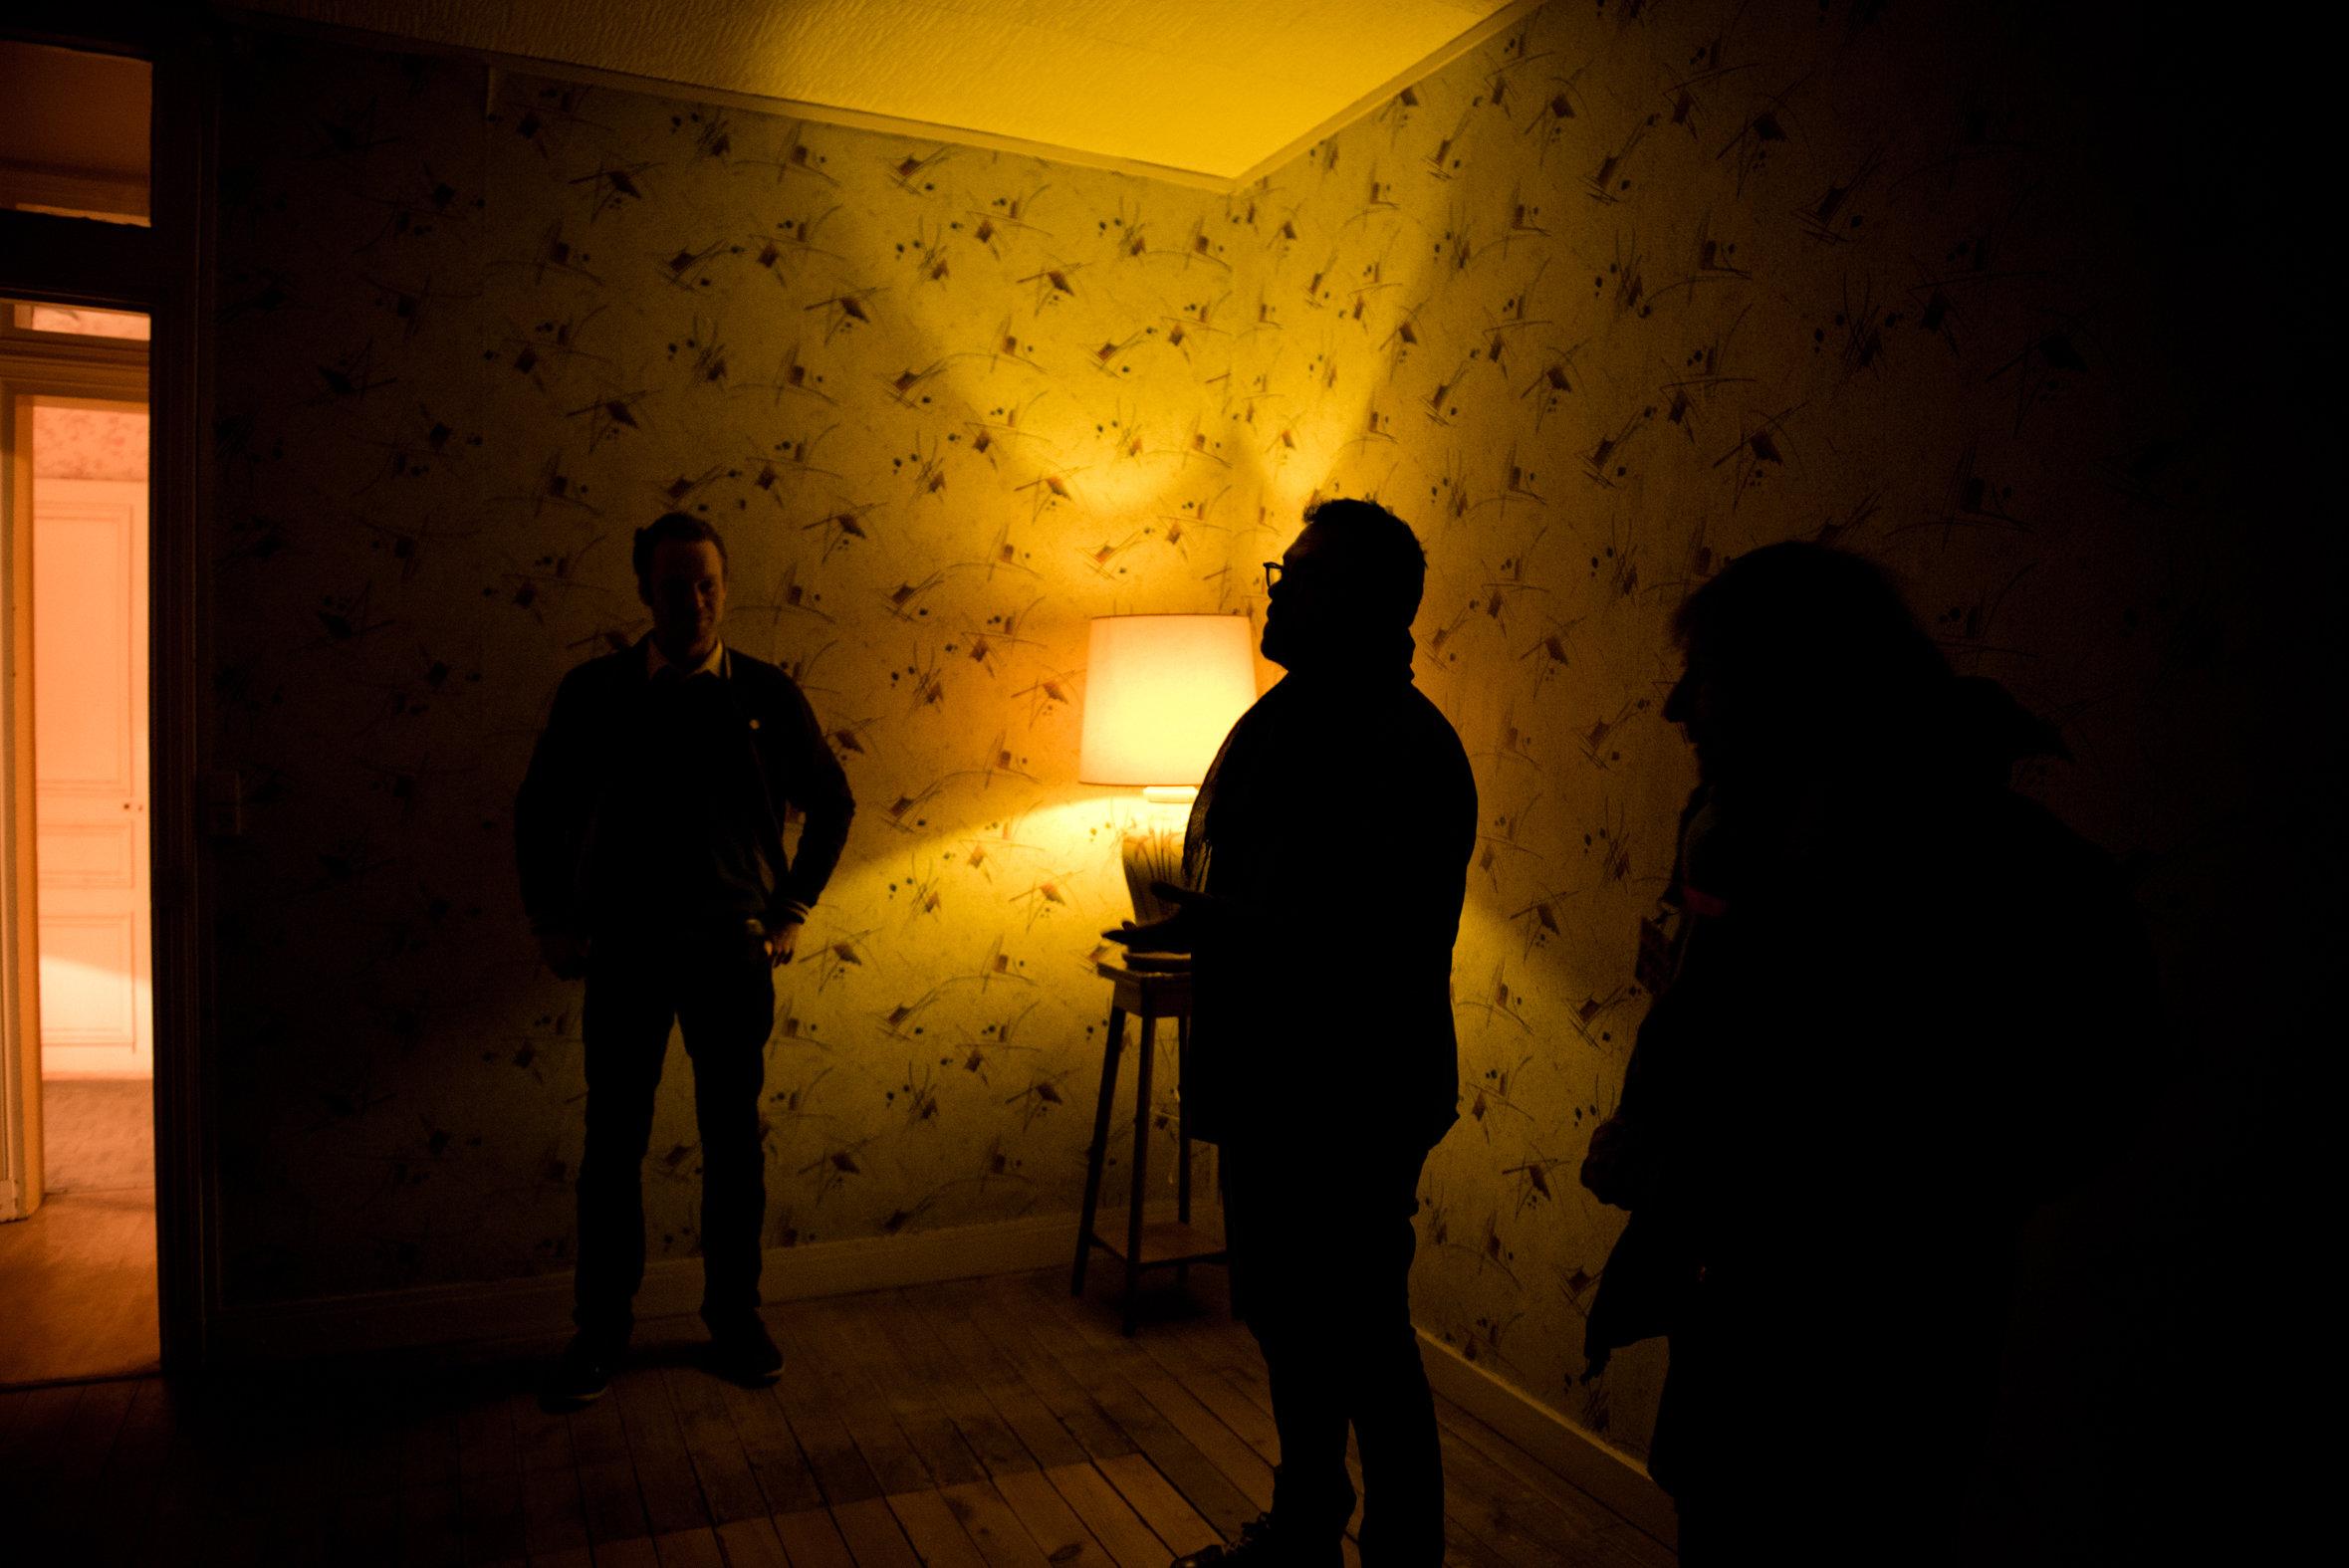 Visite de la chambre de pollinisation, située dans un appartement inoccupé de l'